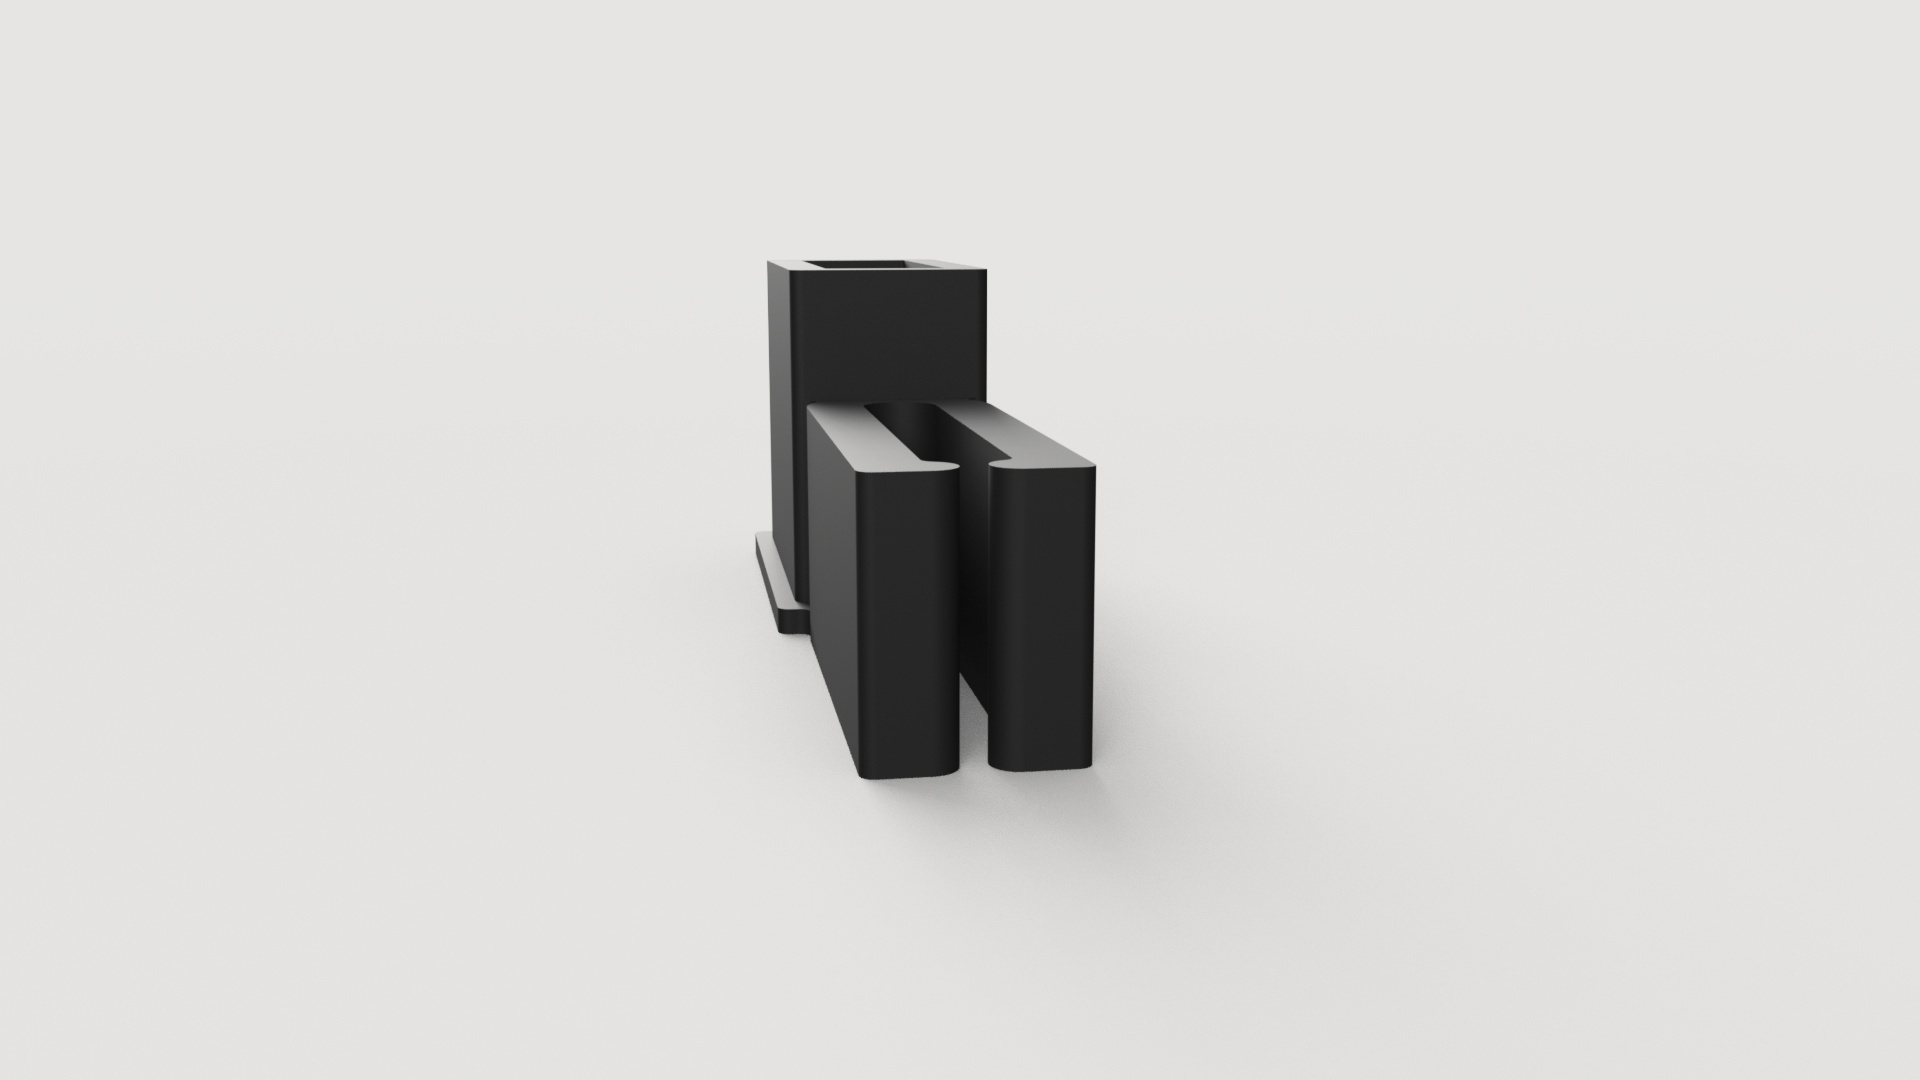 Raas-rendering20150328-23009-1m3tm8x